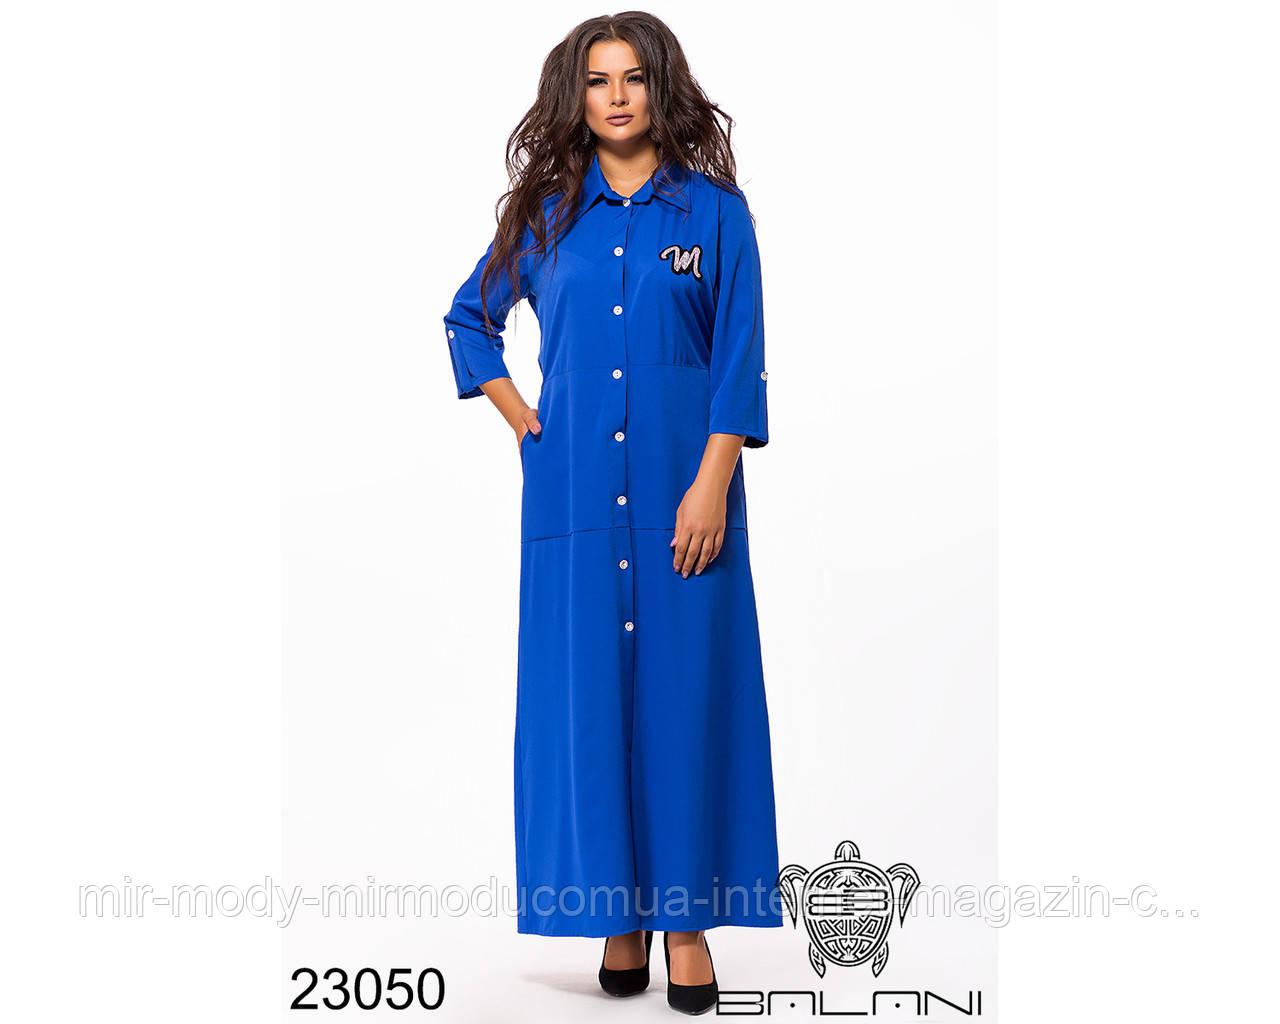 Платье с воротником в пол - 23050 с 48 по 54 размер(бн)